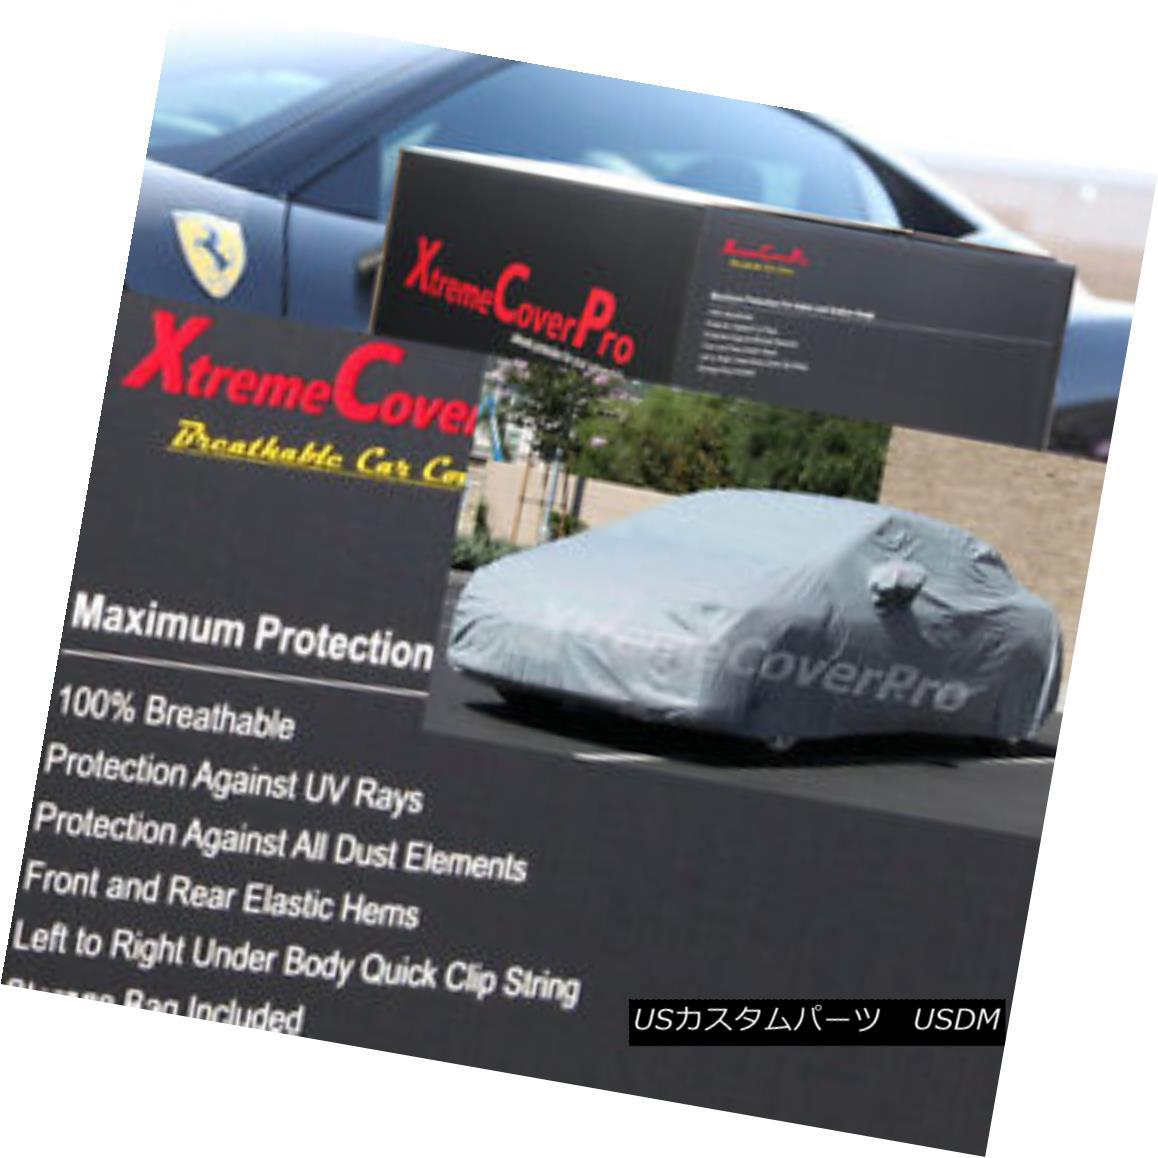 カーカバー 1995 1996 1997 Oldsmobile Achieva Breathable Car Cover w/MirrorPocket 1995年1996年1997年Oldsmobile Achieva通気性車カバー付き/ MirrorPocket